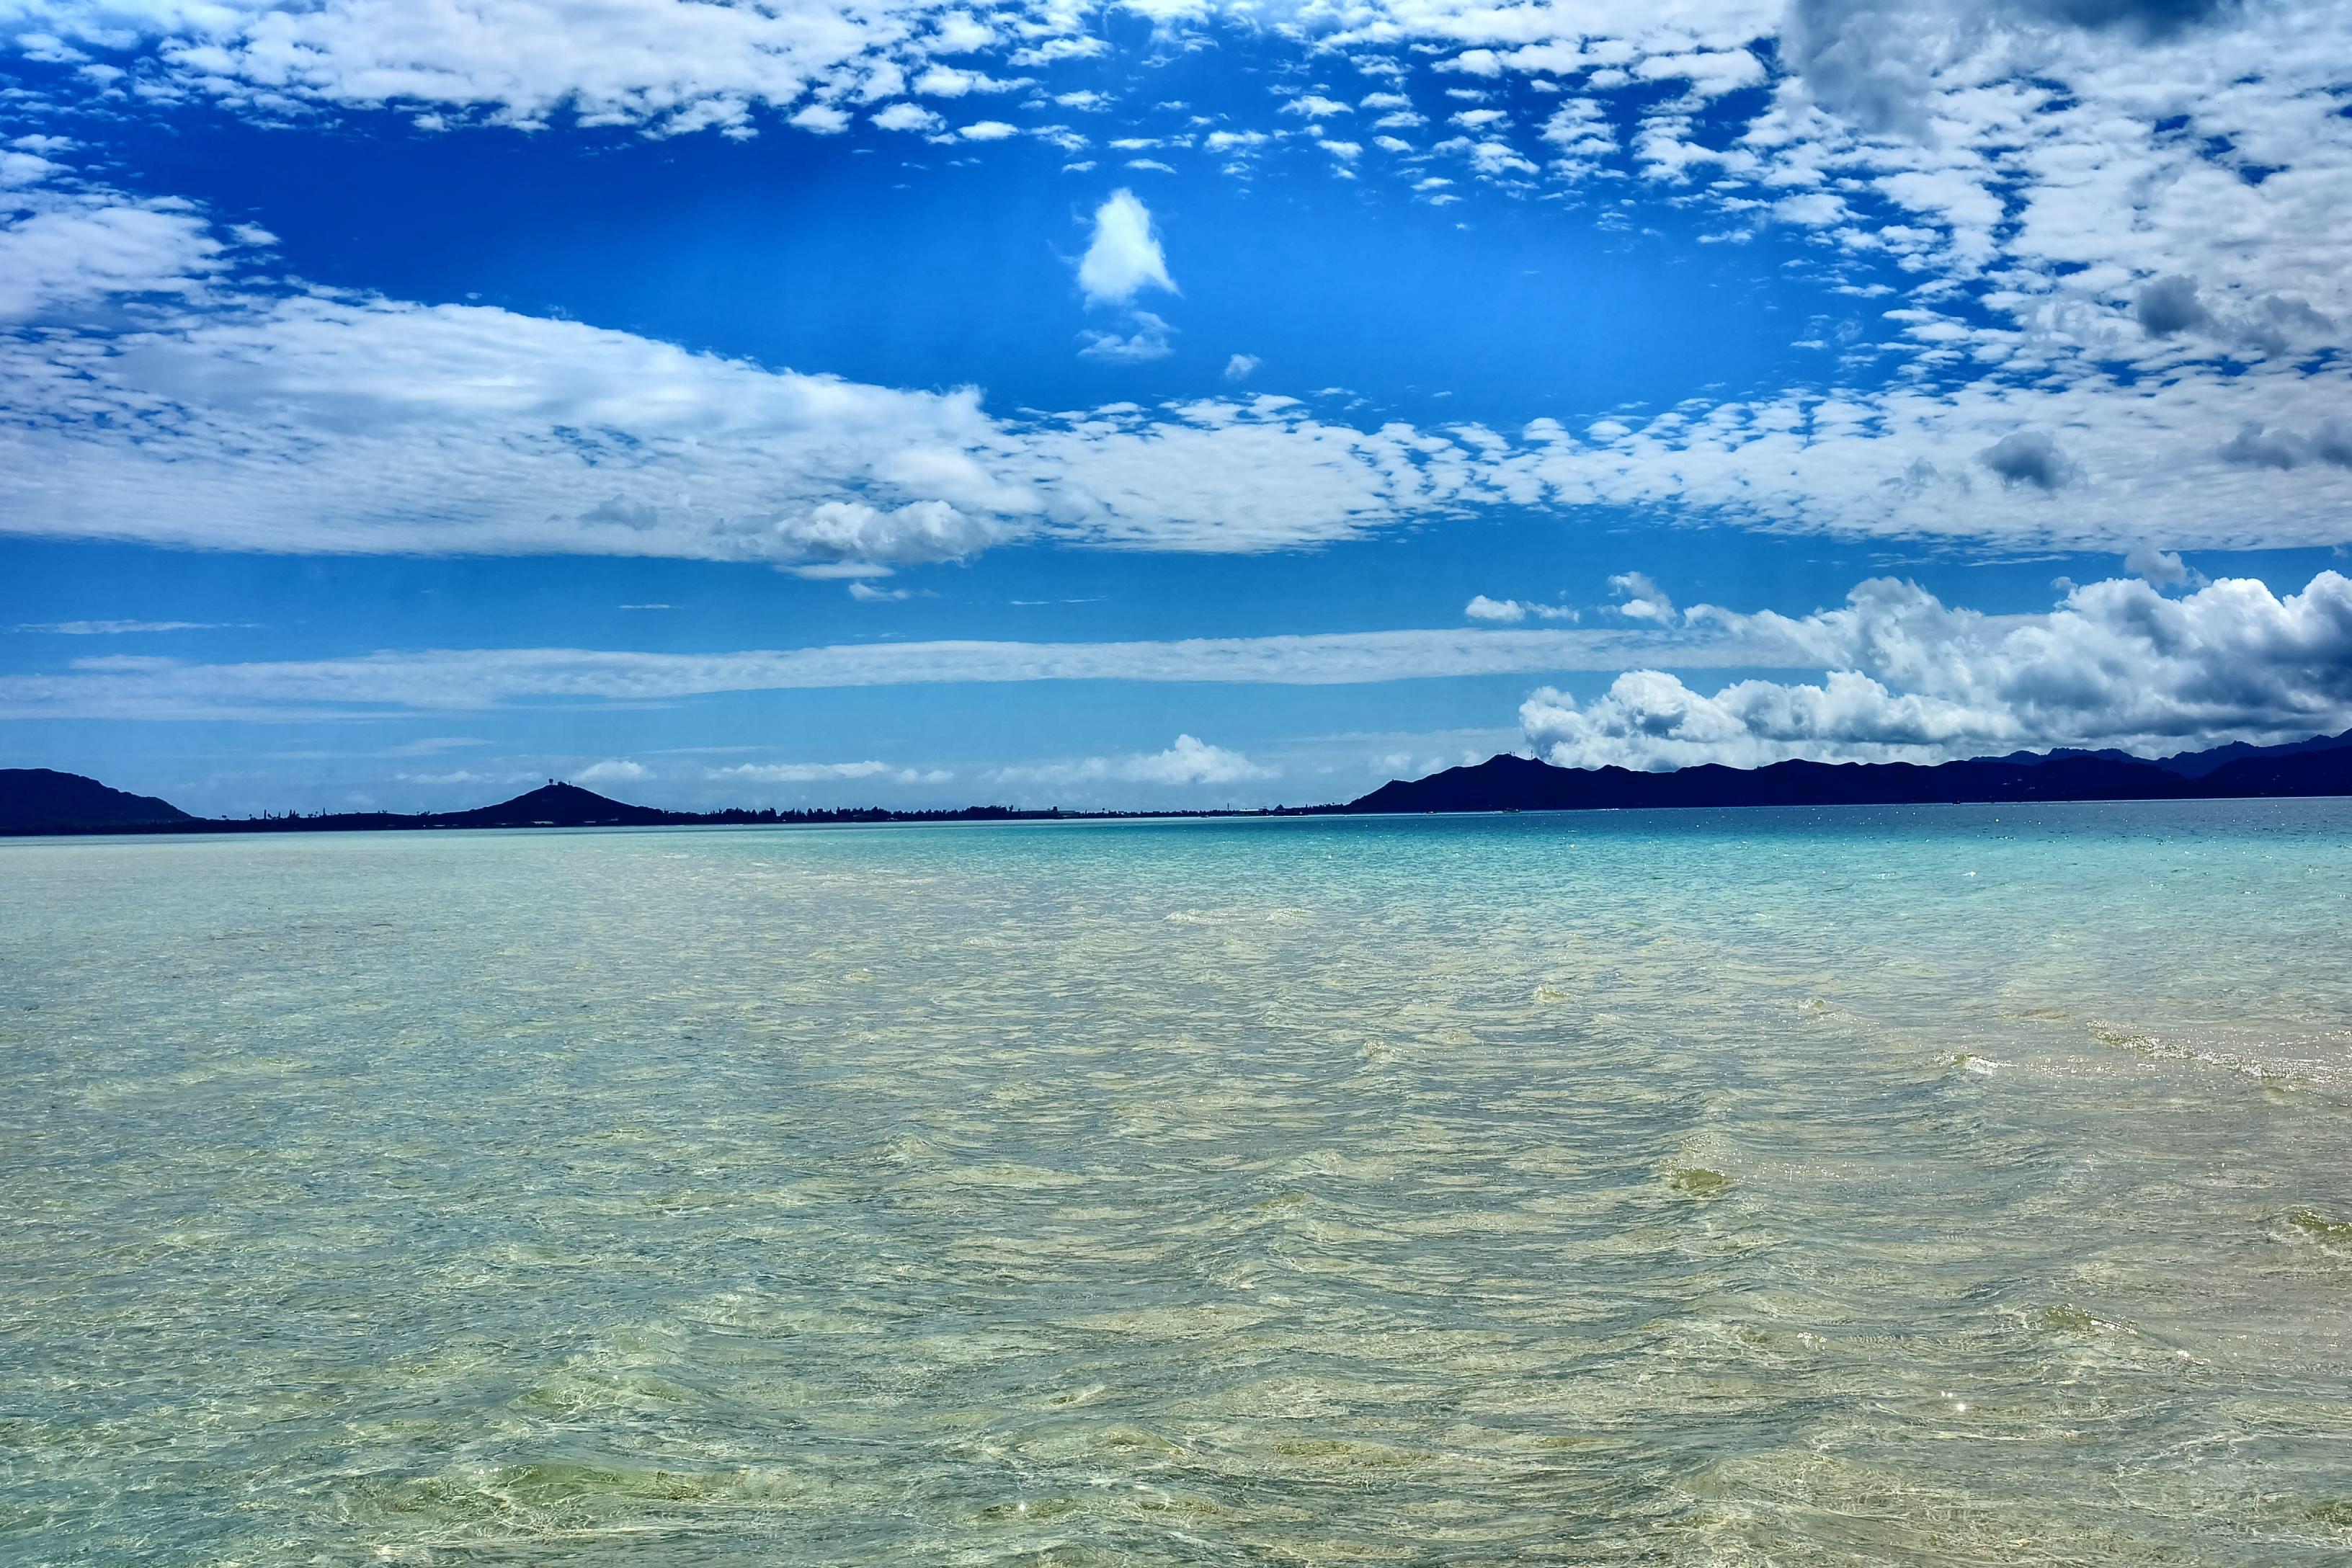 まさに幻の島!ハワイ唯一のサンドバー「アフ・オ・ラカ」が素敵すぎる!